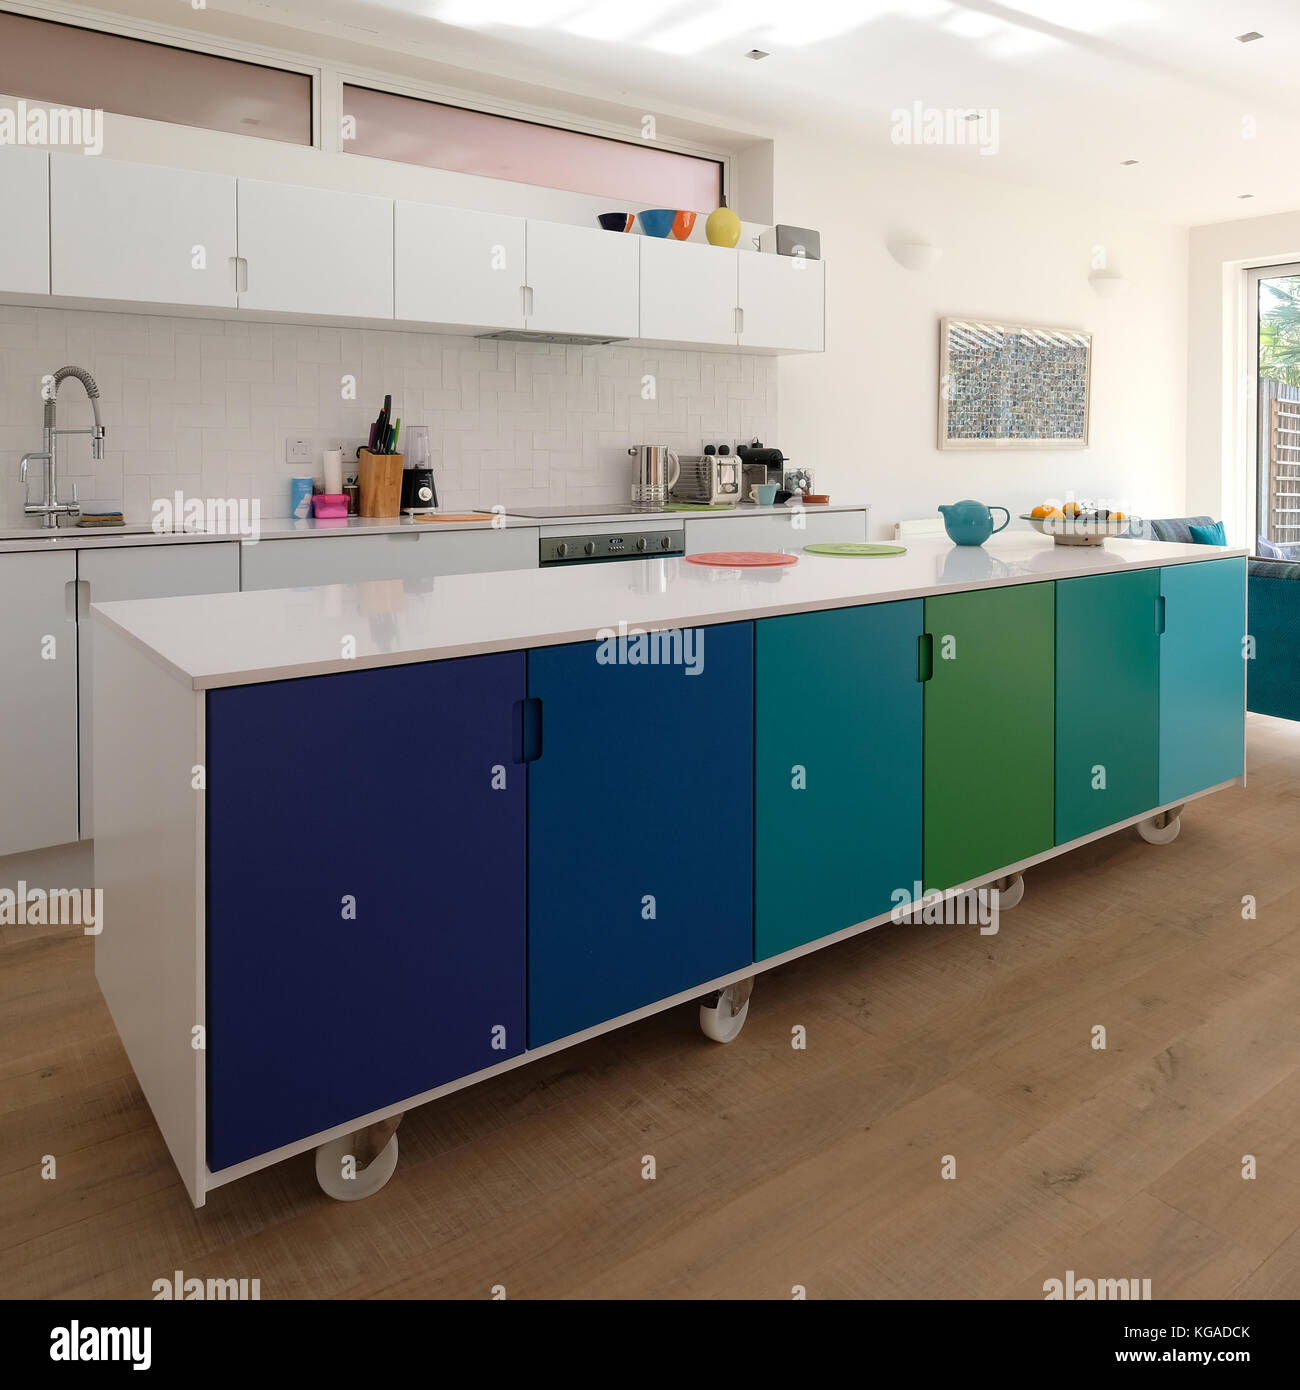 Isla de cocina móvil sobre ruedas orientables, diseño retro pintado ...